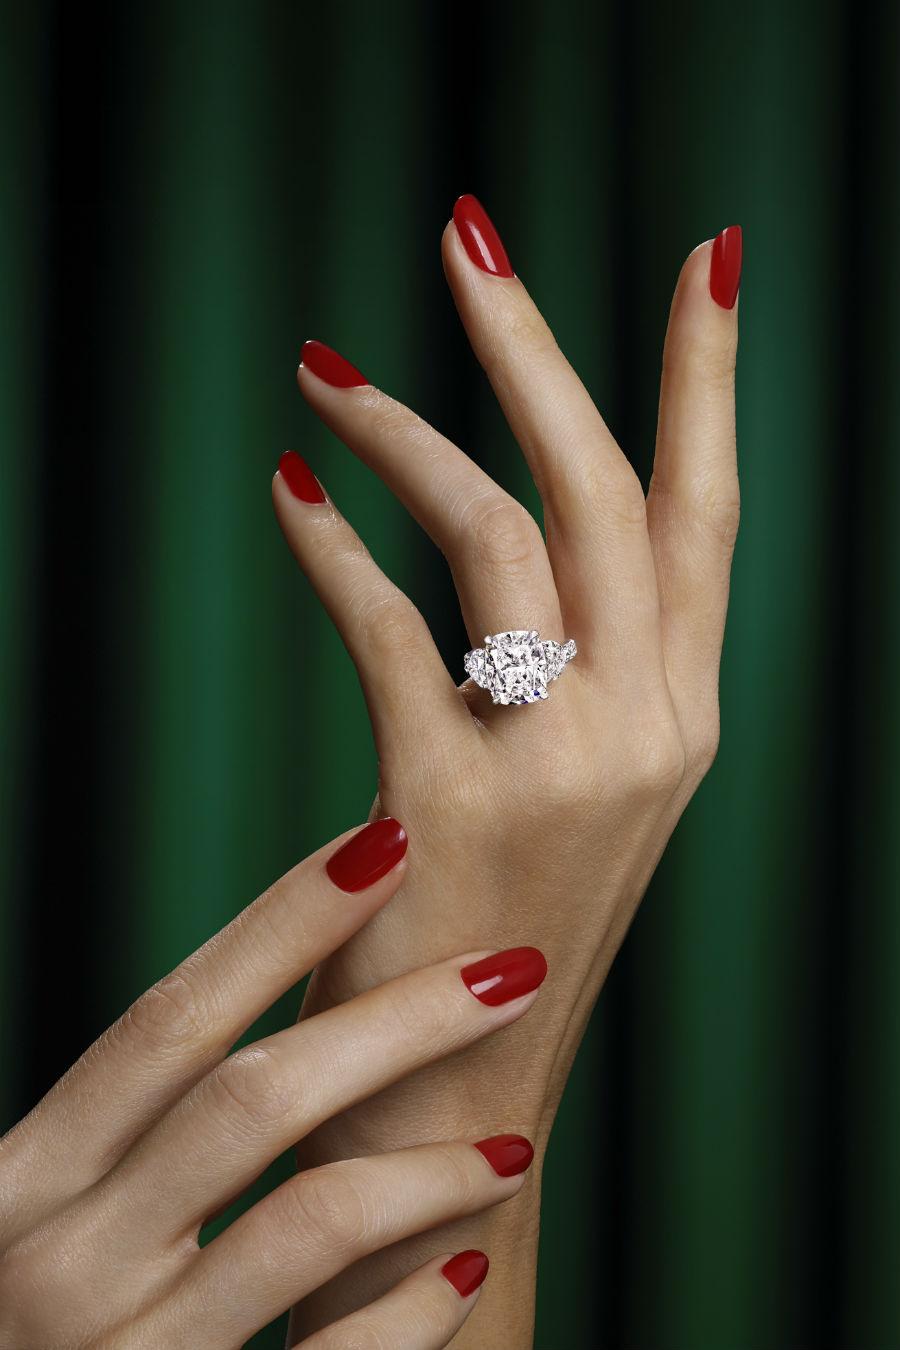 Un anello indossato: la creazione di Graff Diamonds possiede incastonata un frammento del diamante Lesedi La Rona